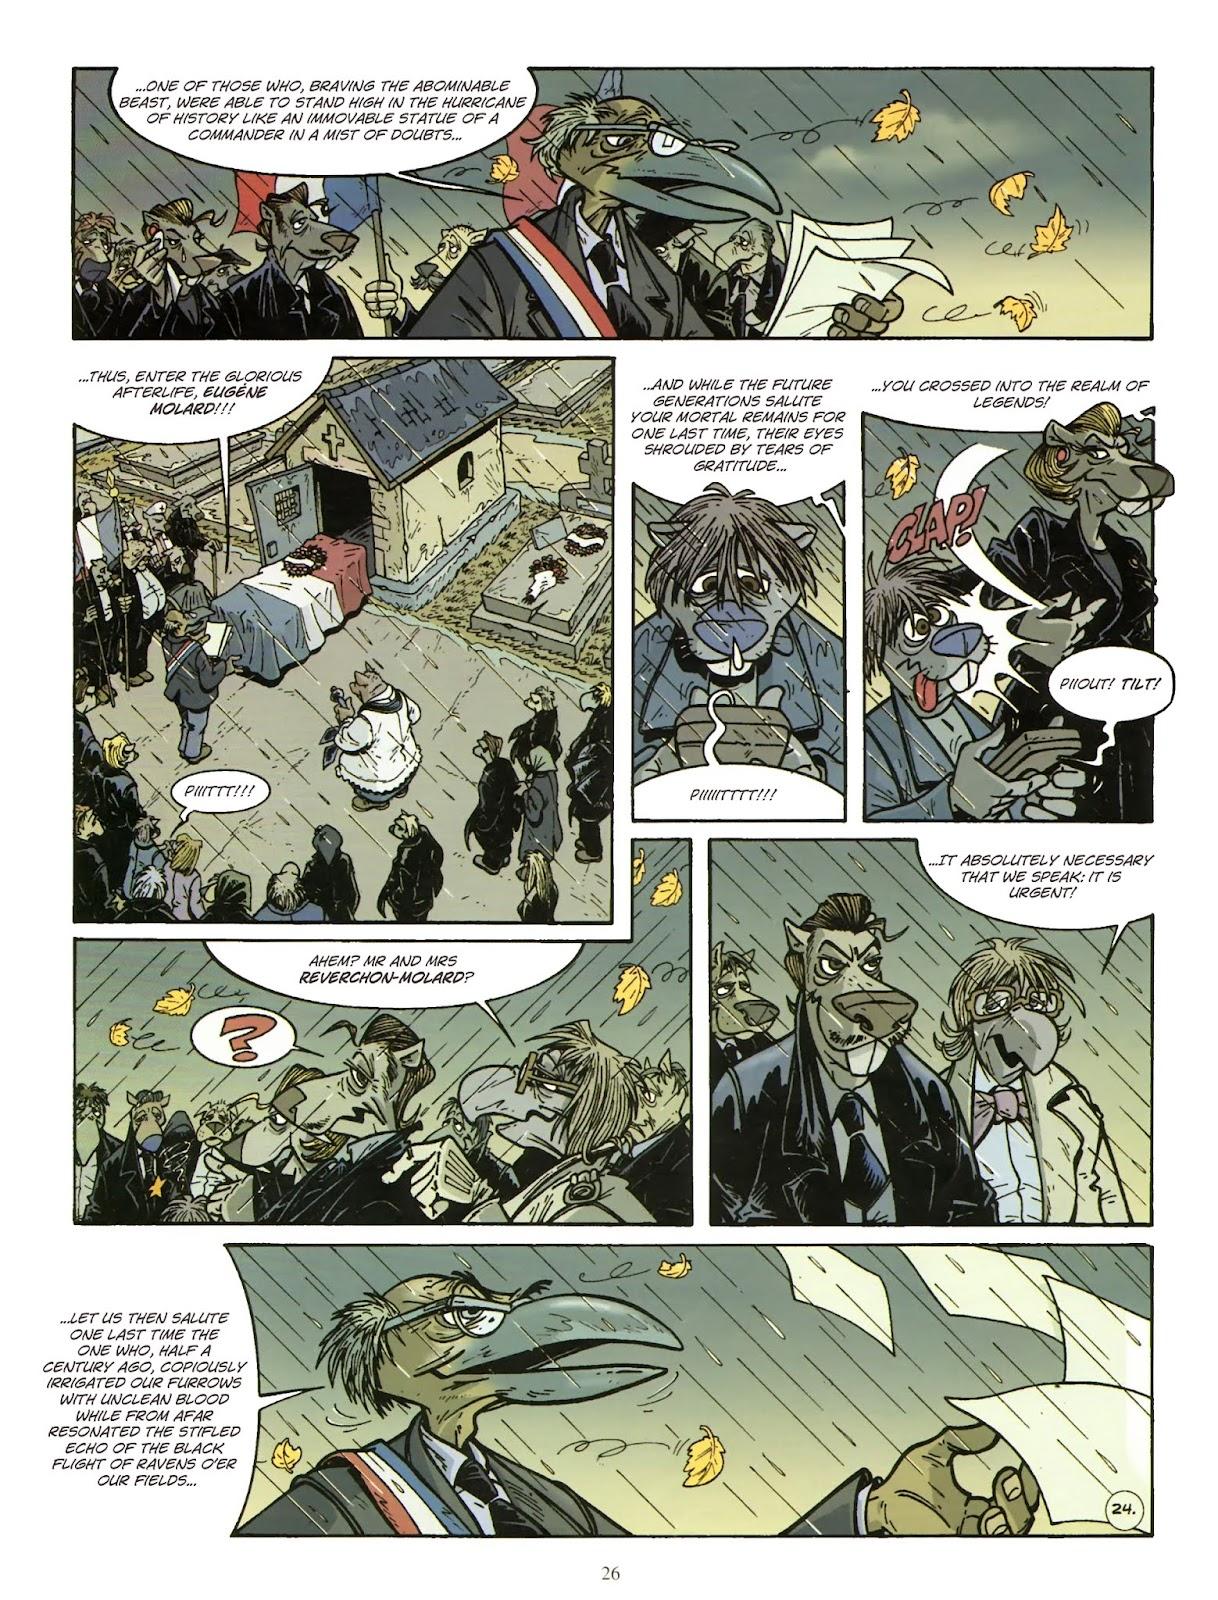 Une enquête de l'inspecteur Canardo issue 11 - Page 27